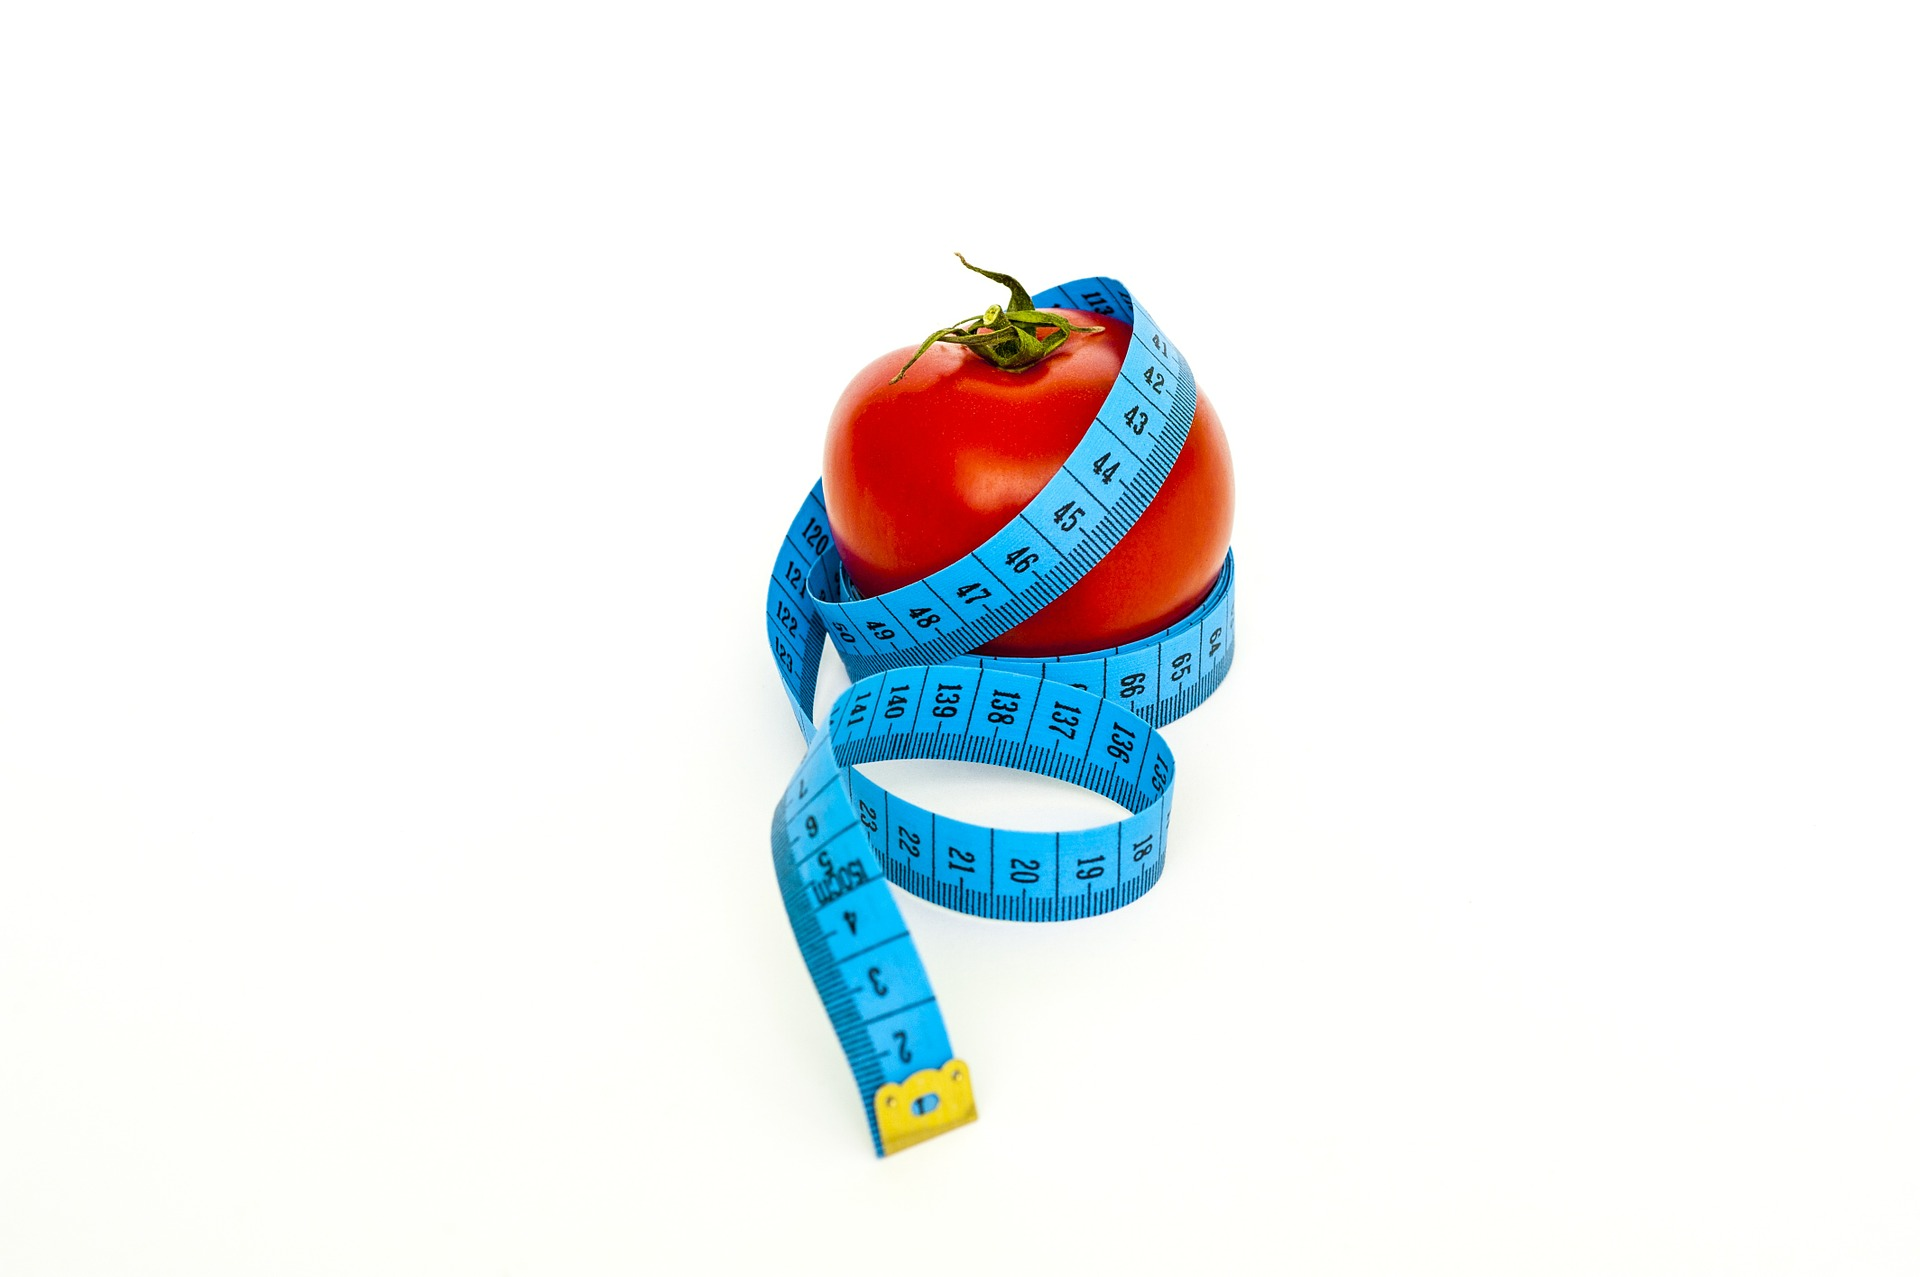 Moduri rapide și eficiente de a pierde în greutate acasă. Cel mai simplu și eficient mod de a slăbi